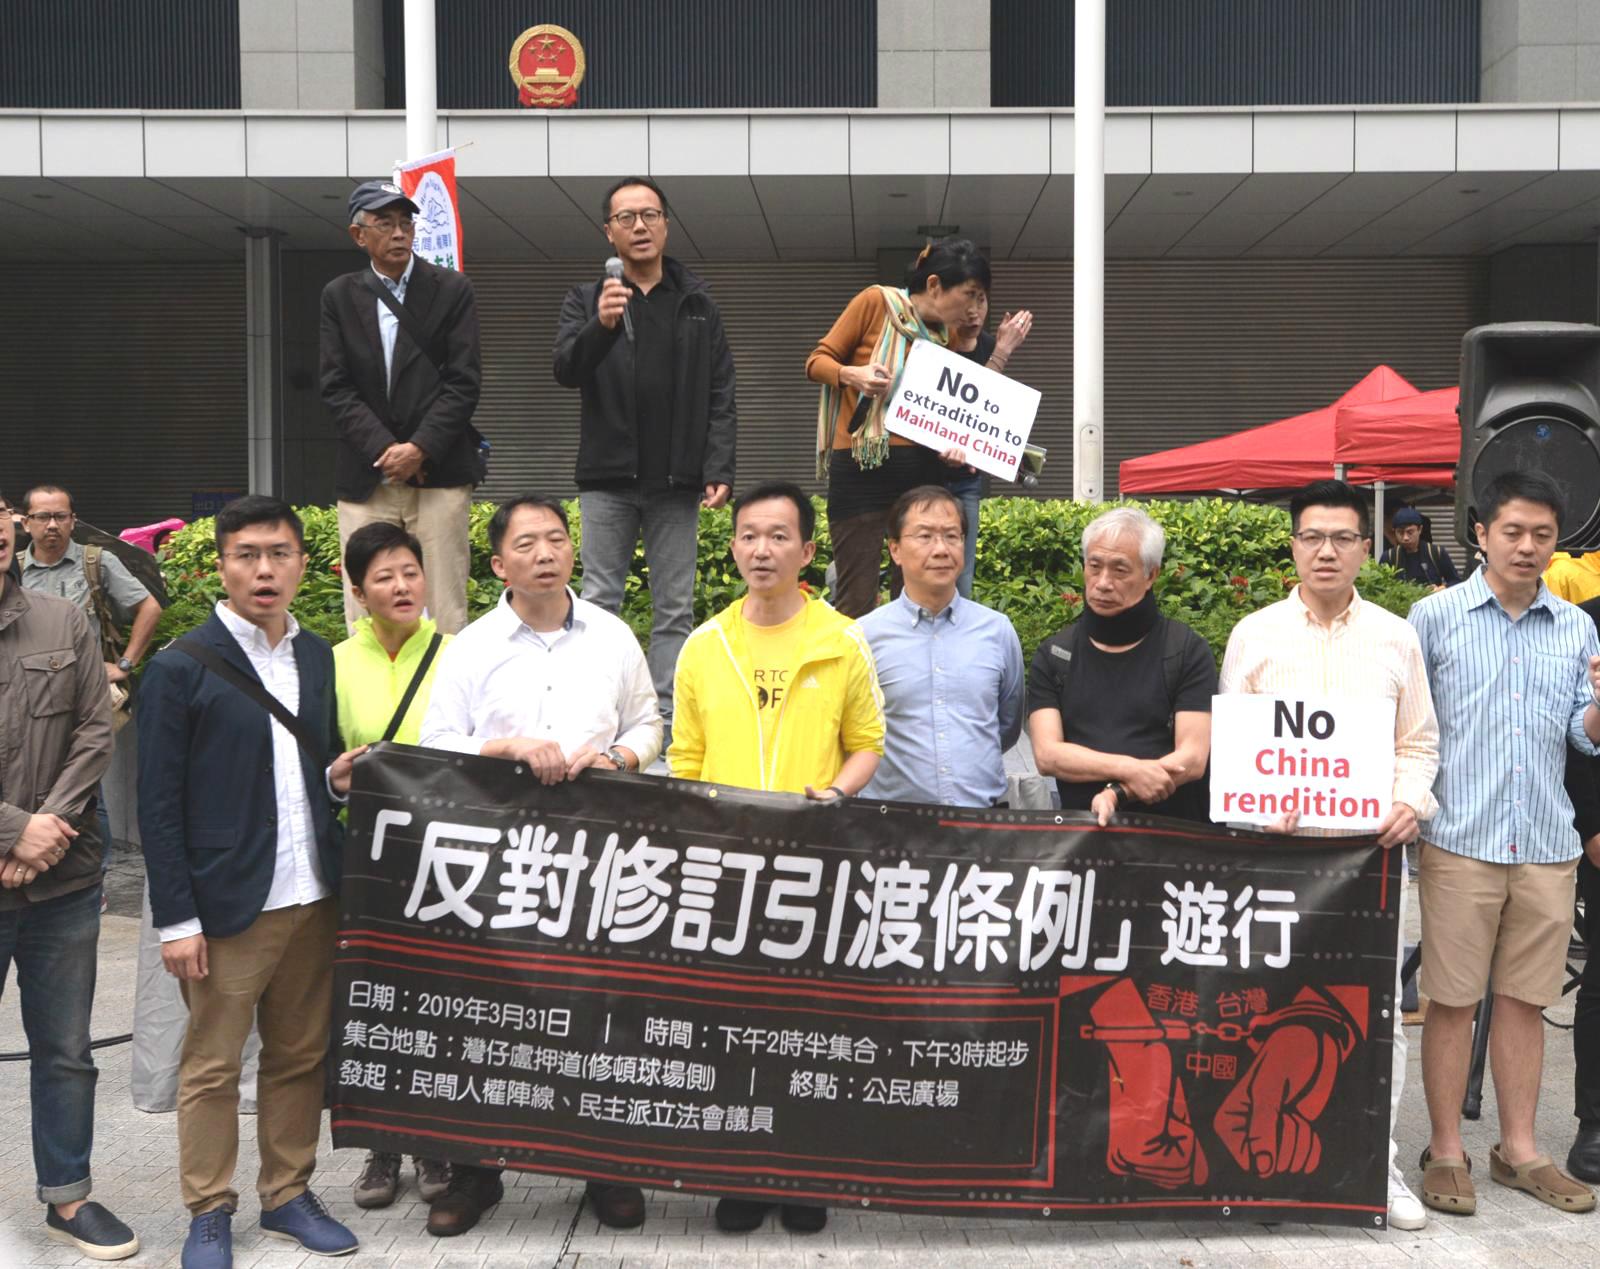 民主派發起遊行,反對政府修訂《逃犯條例》